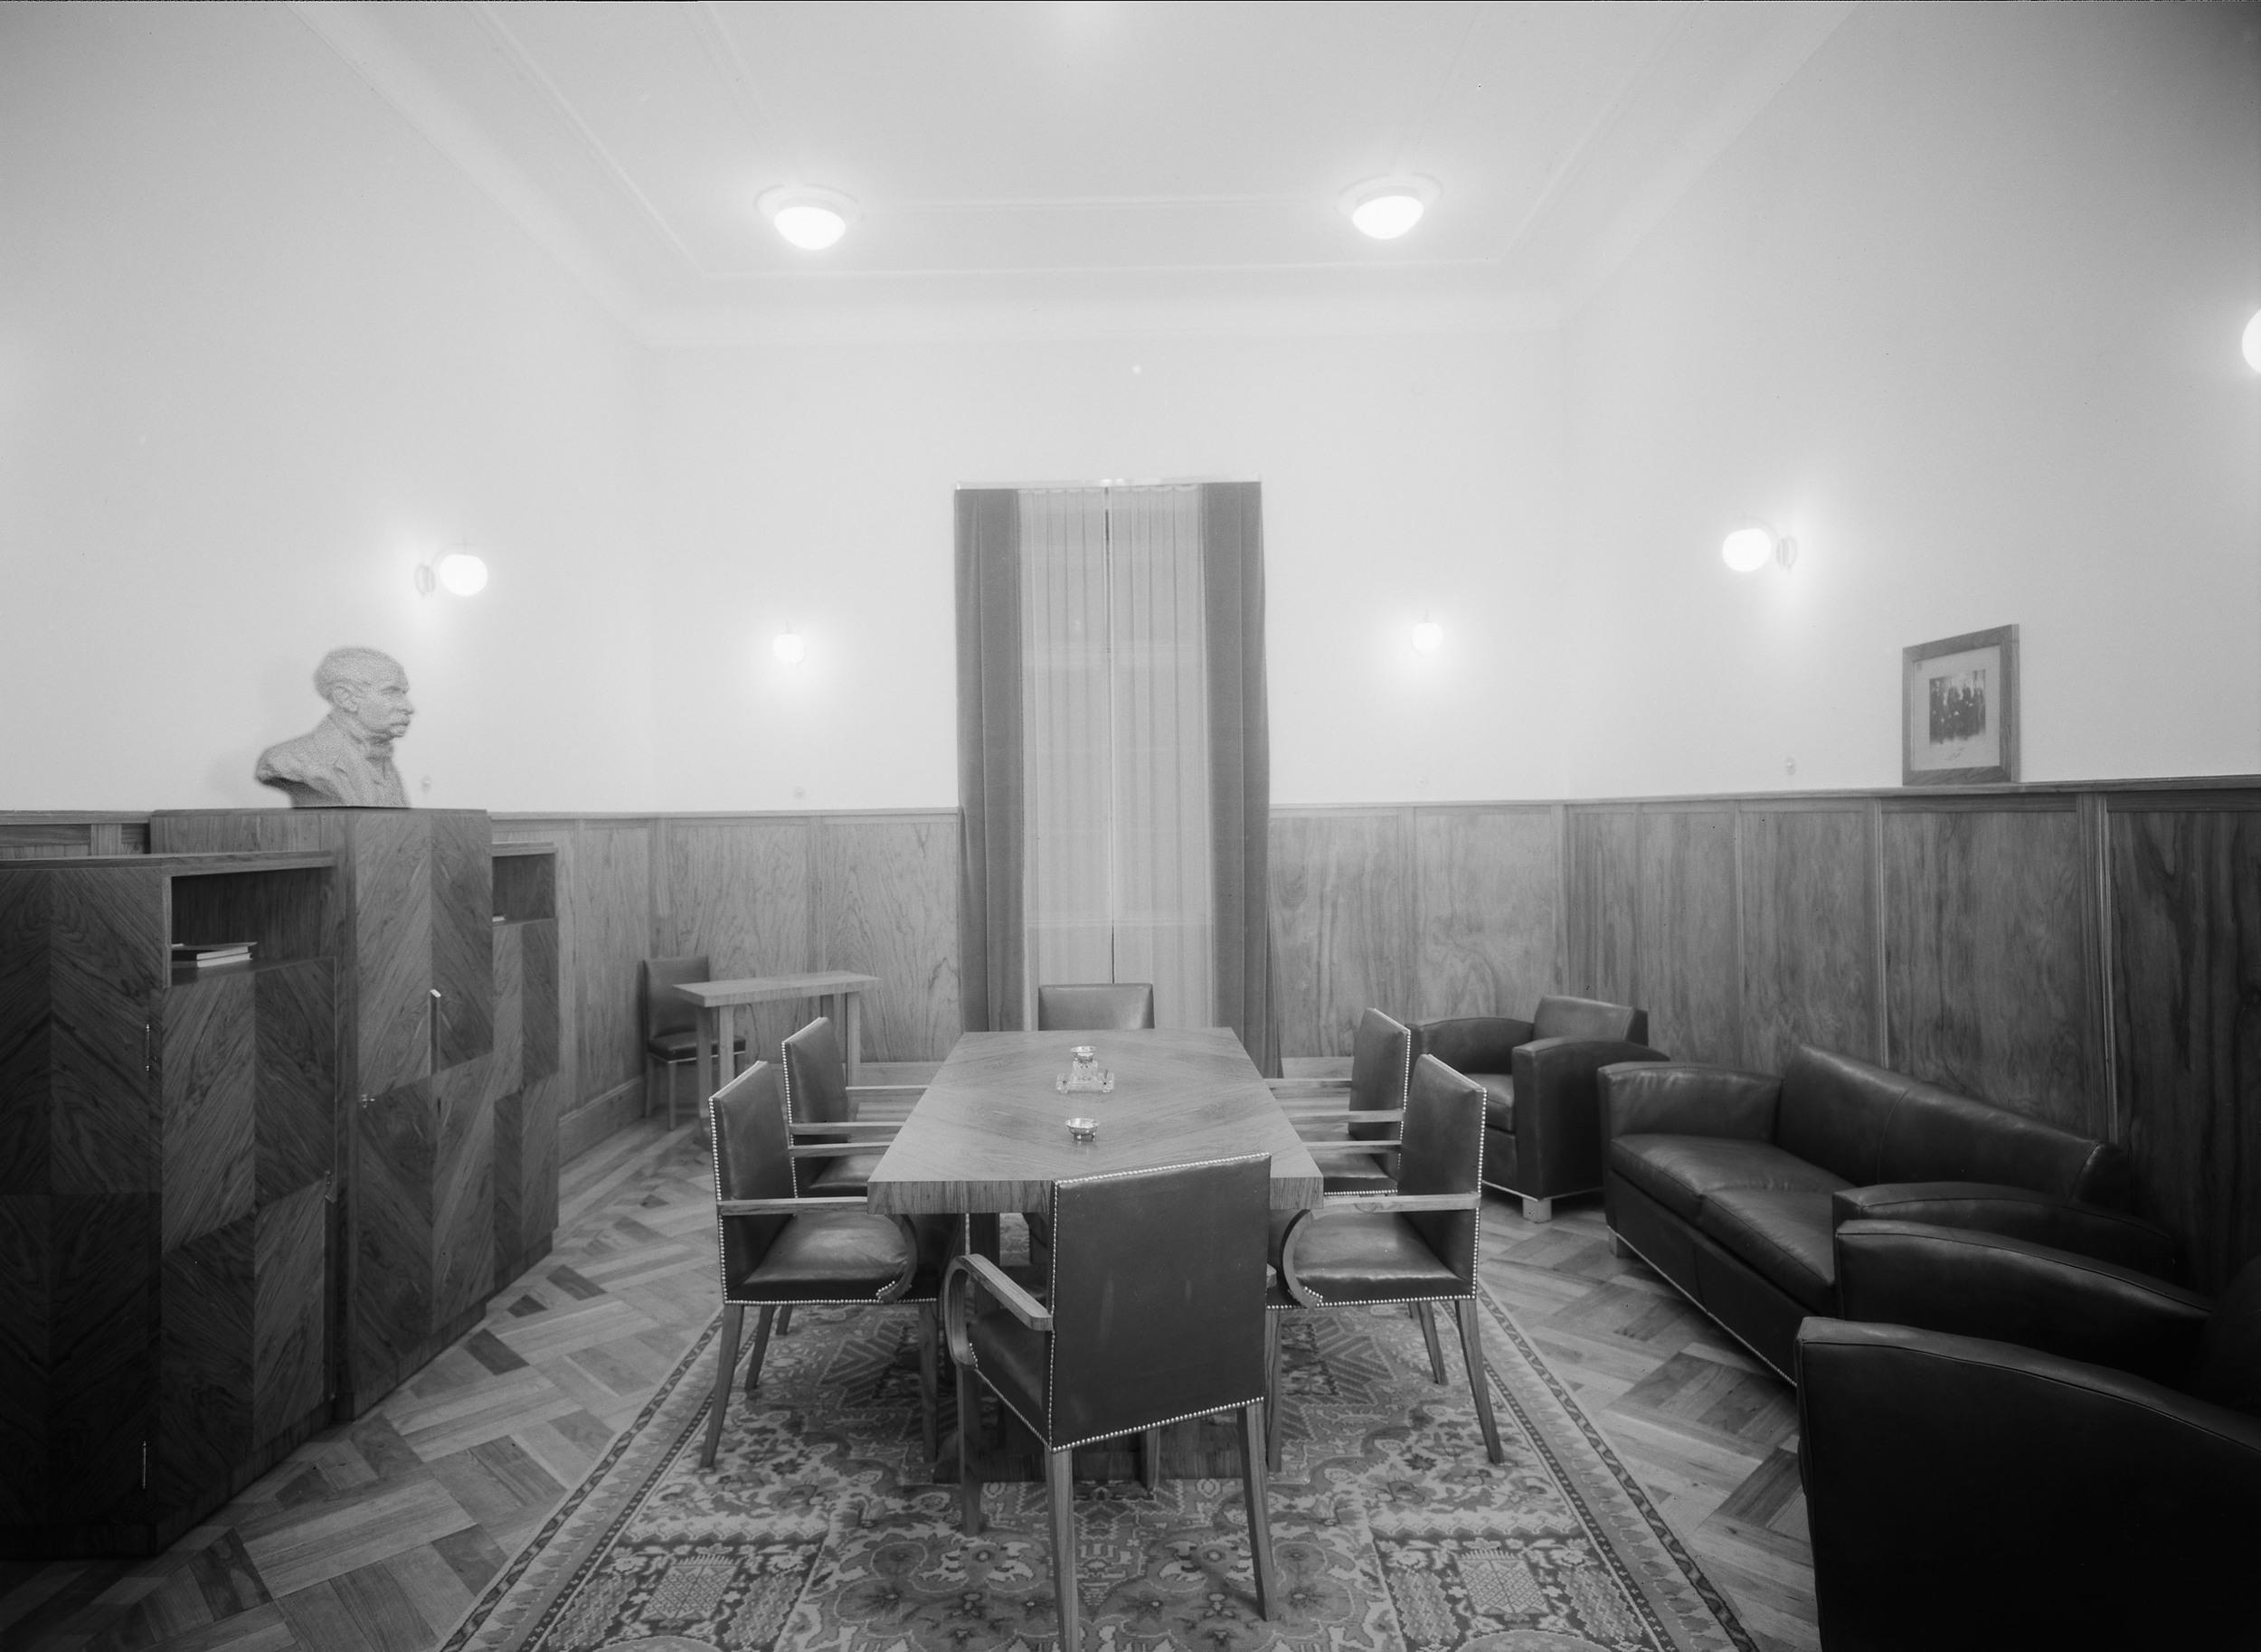 Instituto Superior Técnico, Lisbon  Photo: Mário Novais, ca. 1936-37, Lisbon  Biblioteca de Arte da Fundação Calouste Gulbenkian [CFT003_057326]